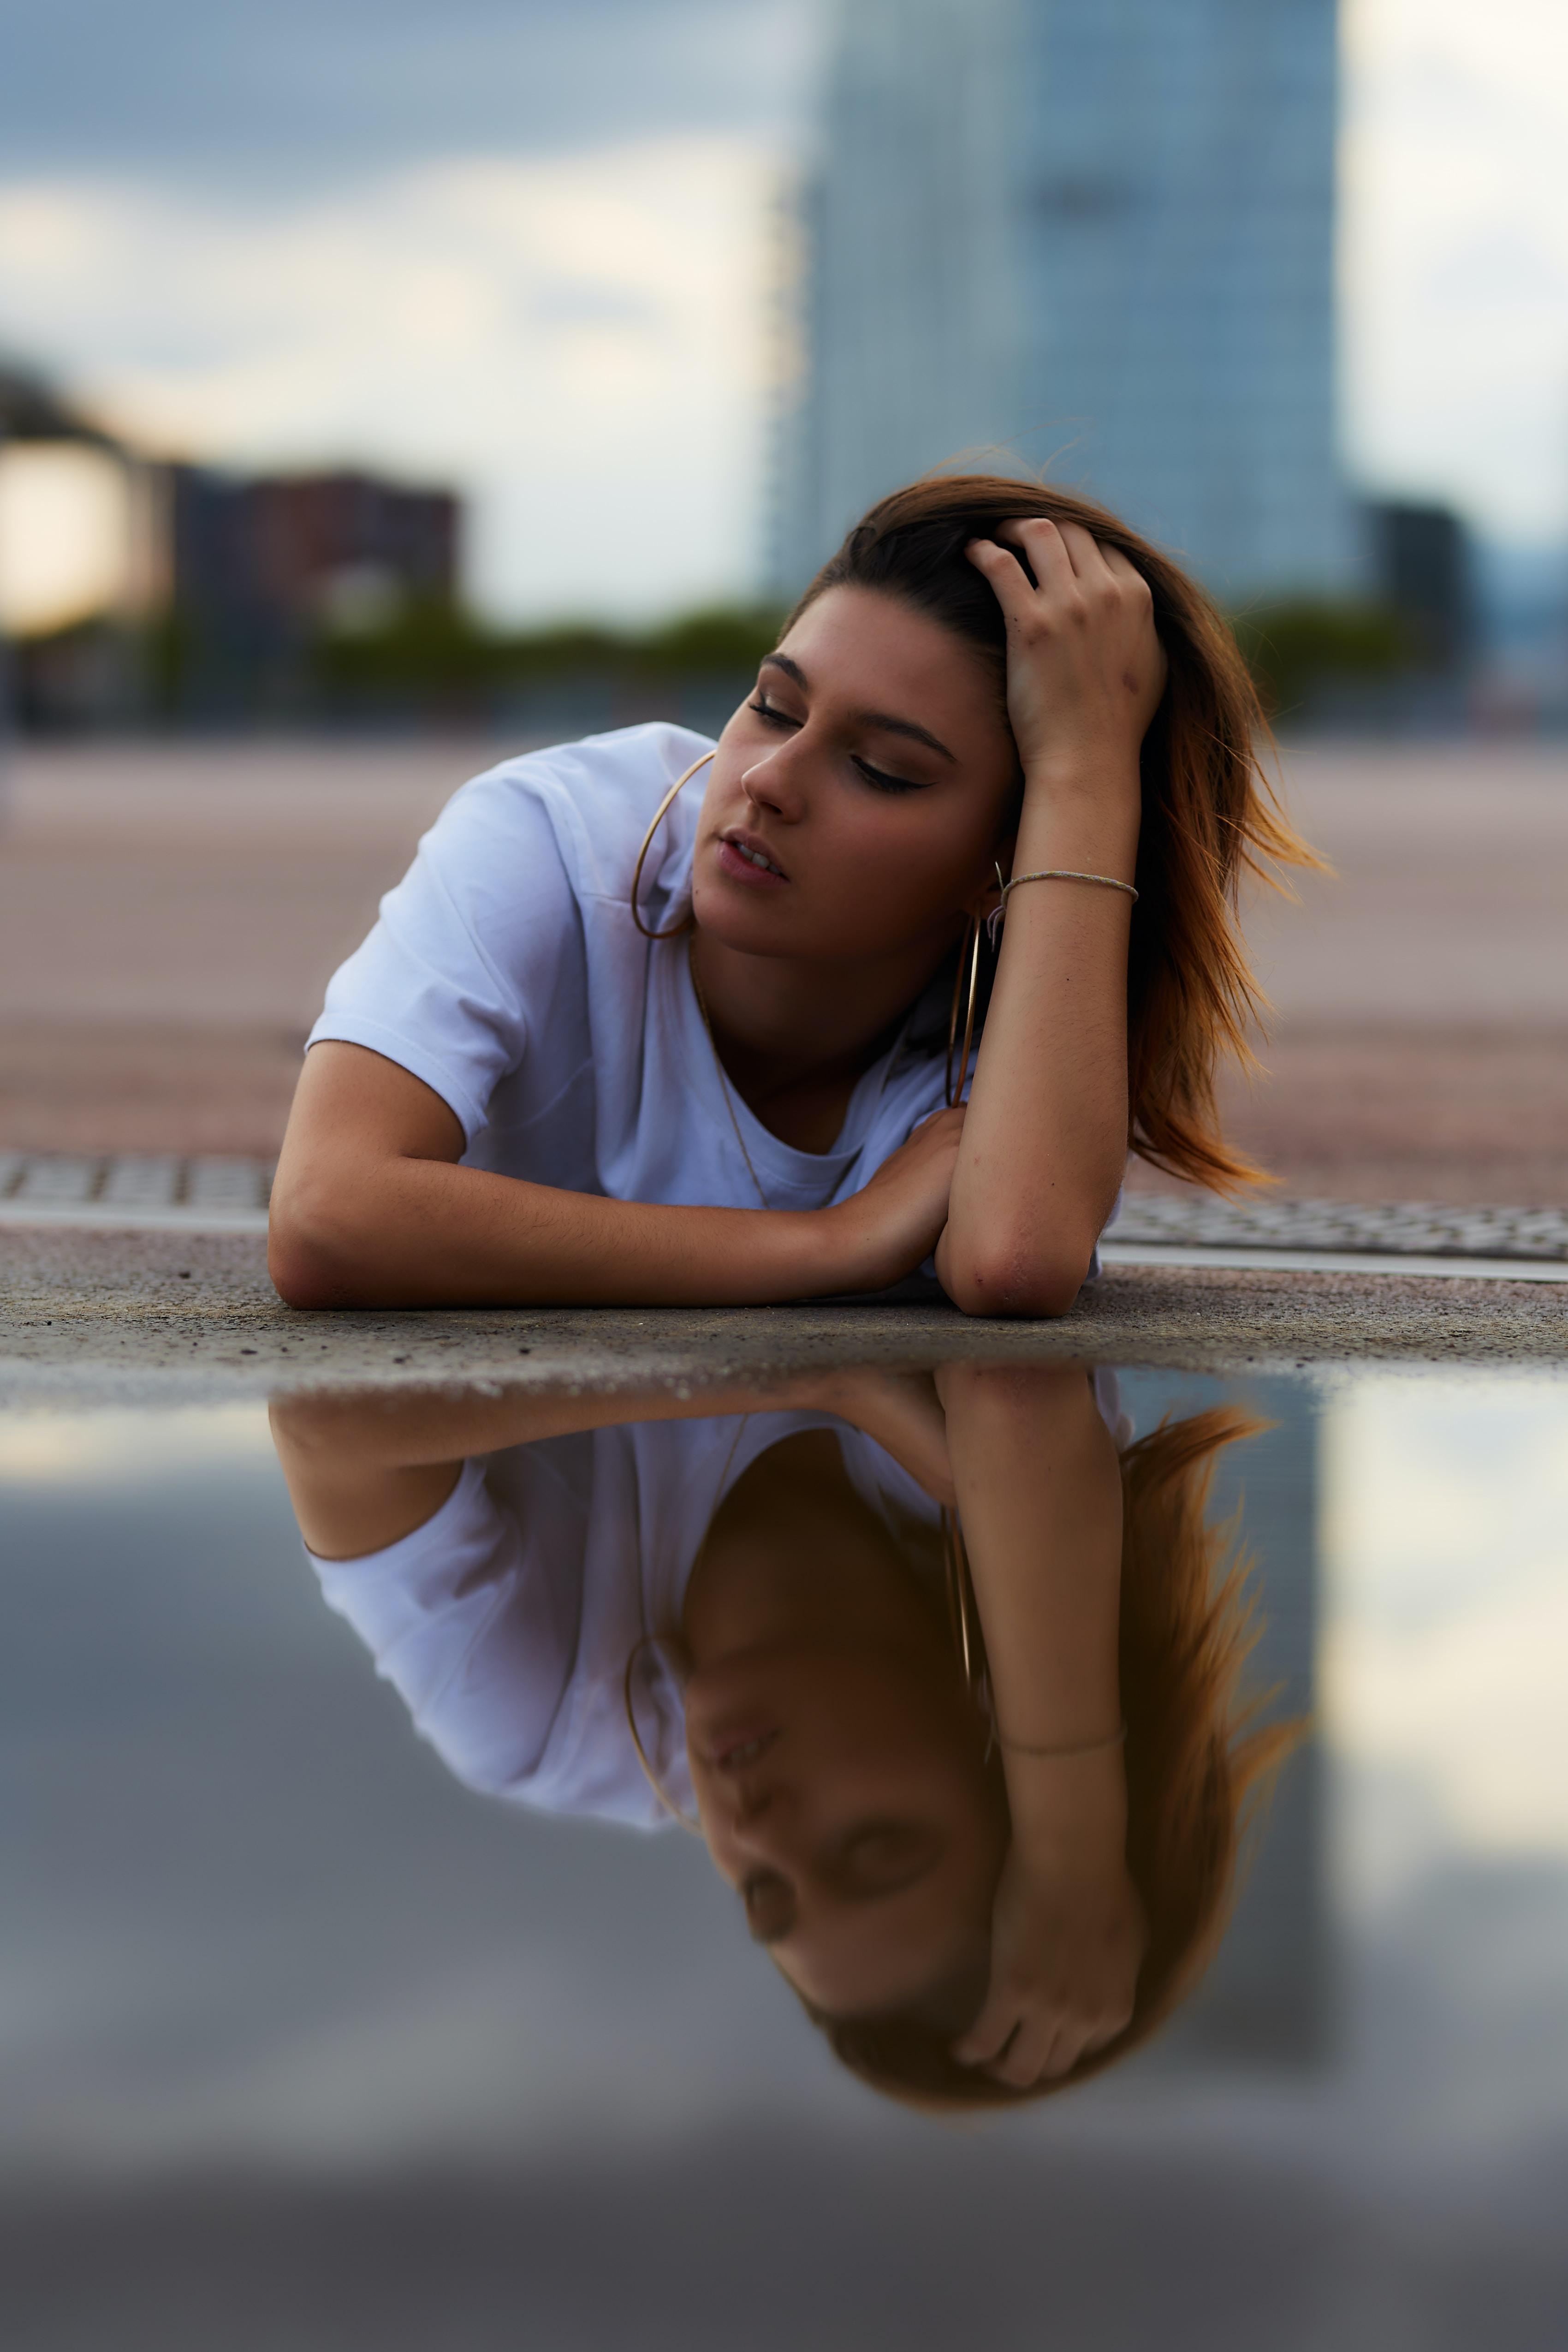 woman on concrete floor